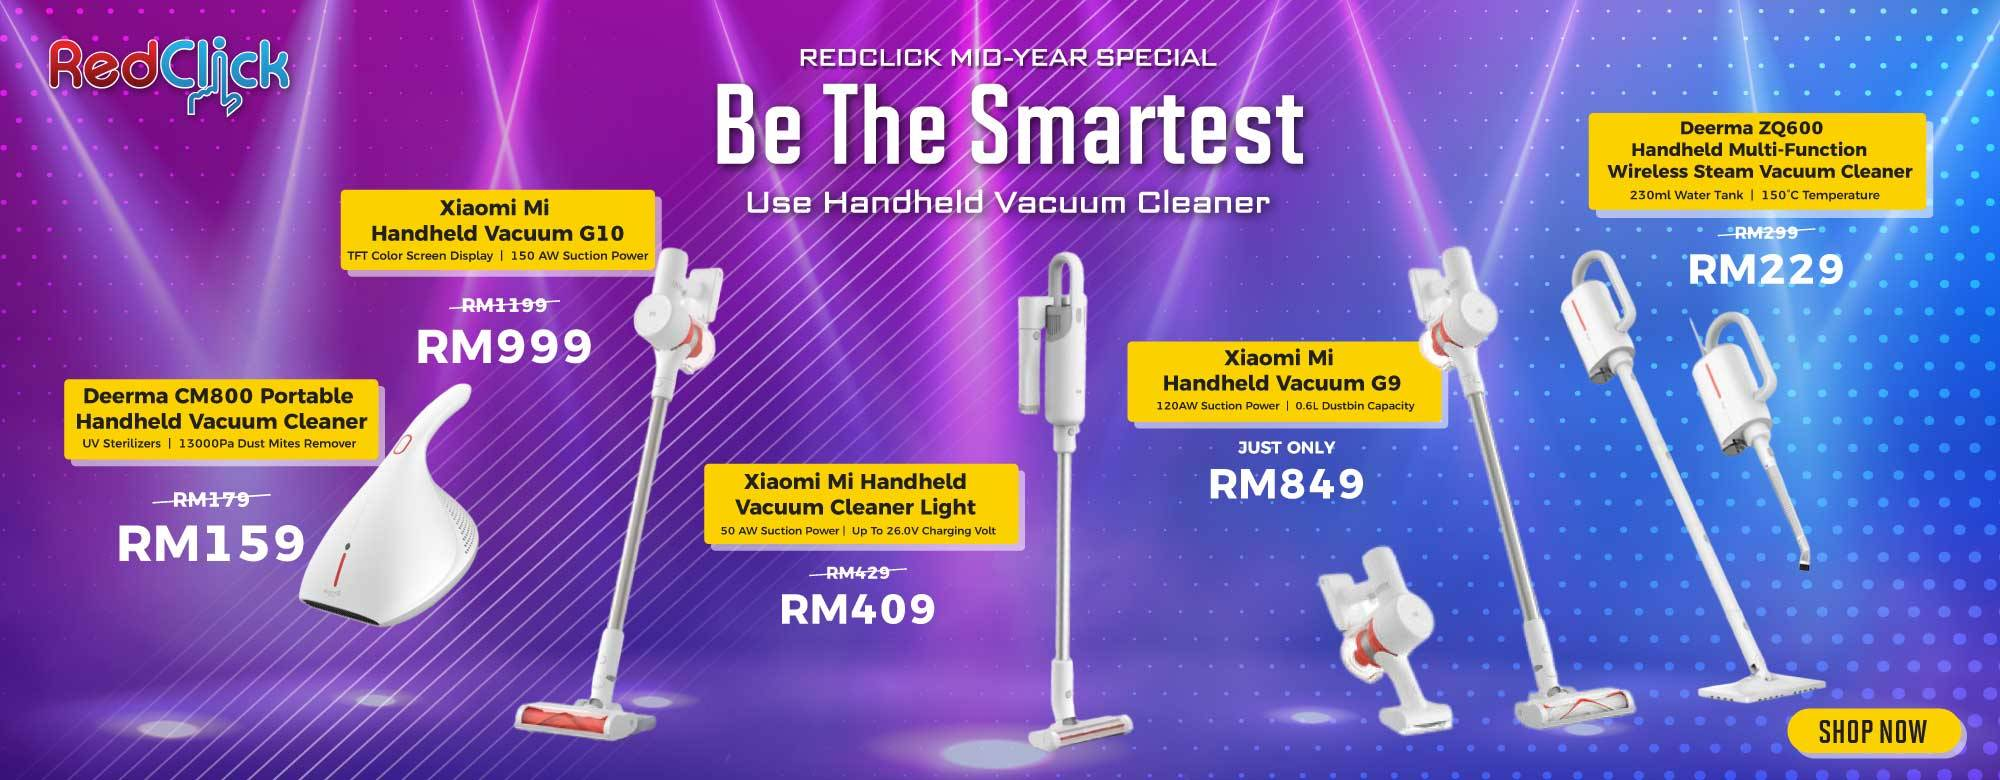 Handheld Vacuum Promotion